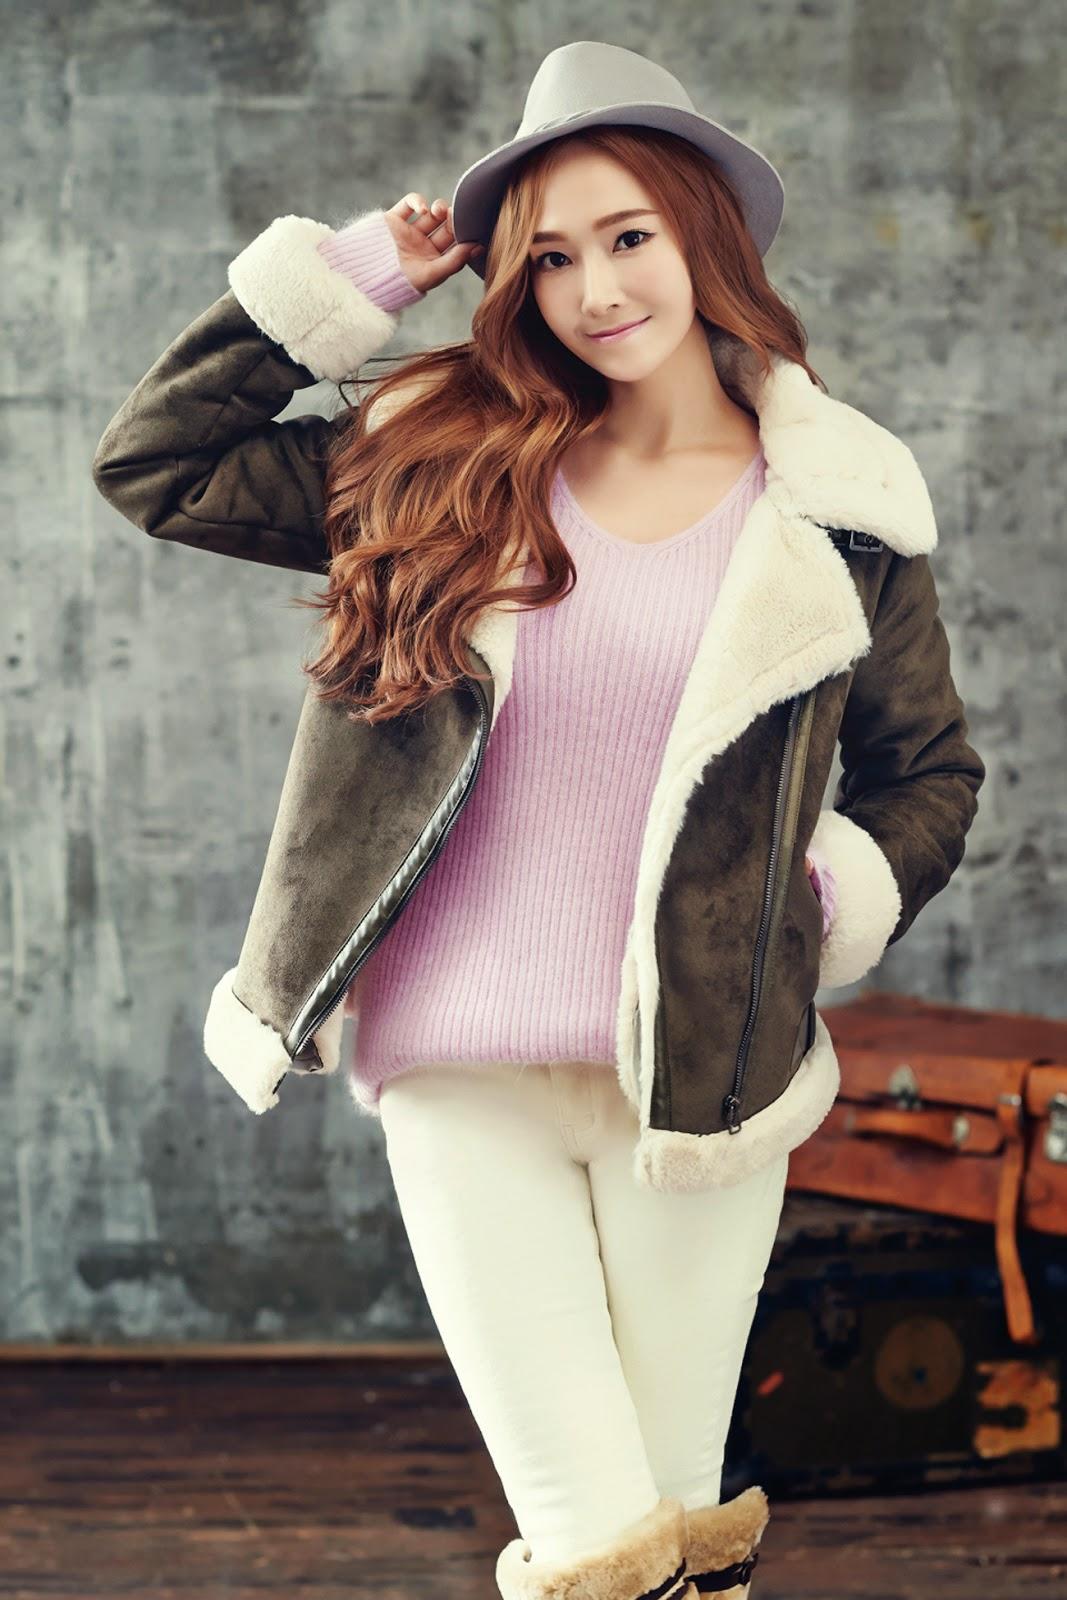 moda en corea 10 outfits para diciembre 2014 moda en korea